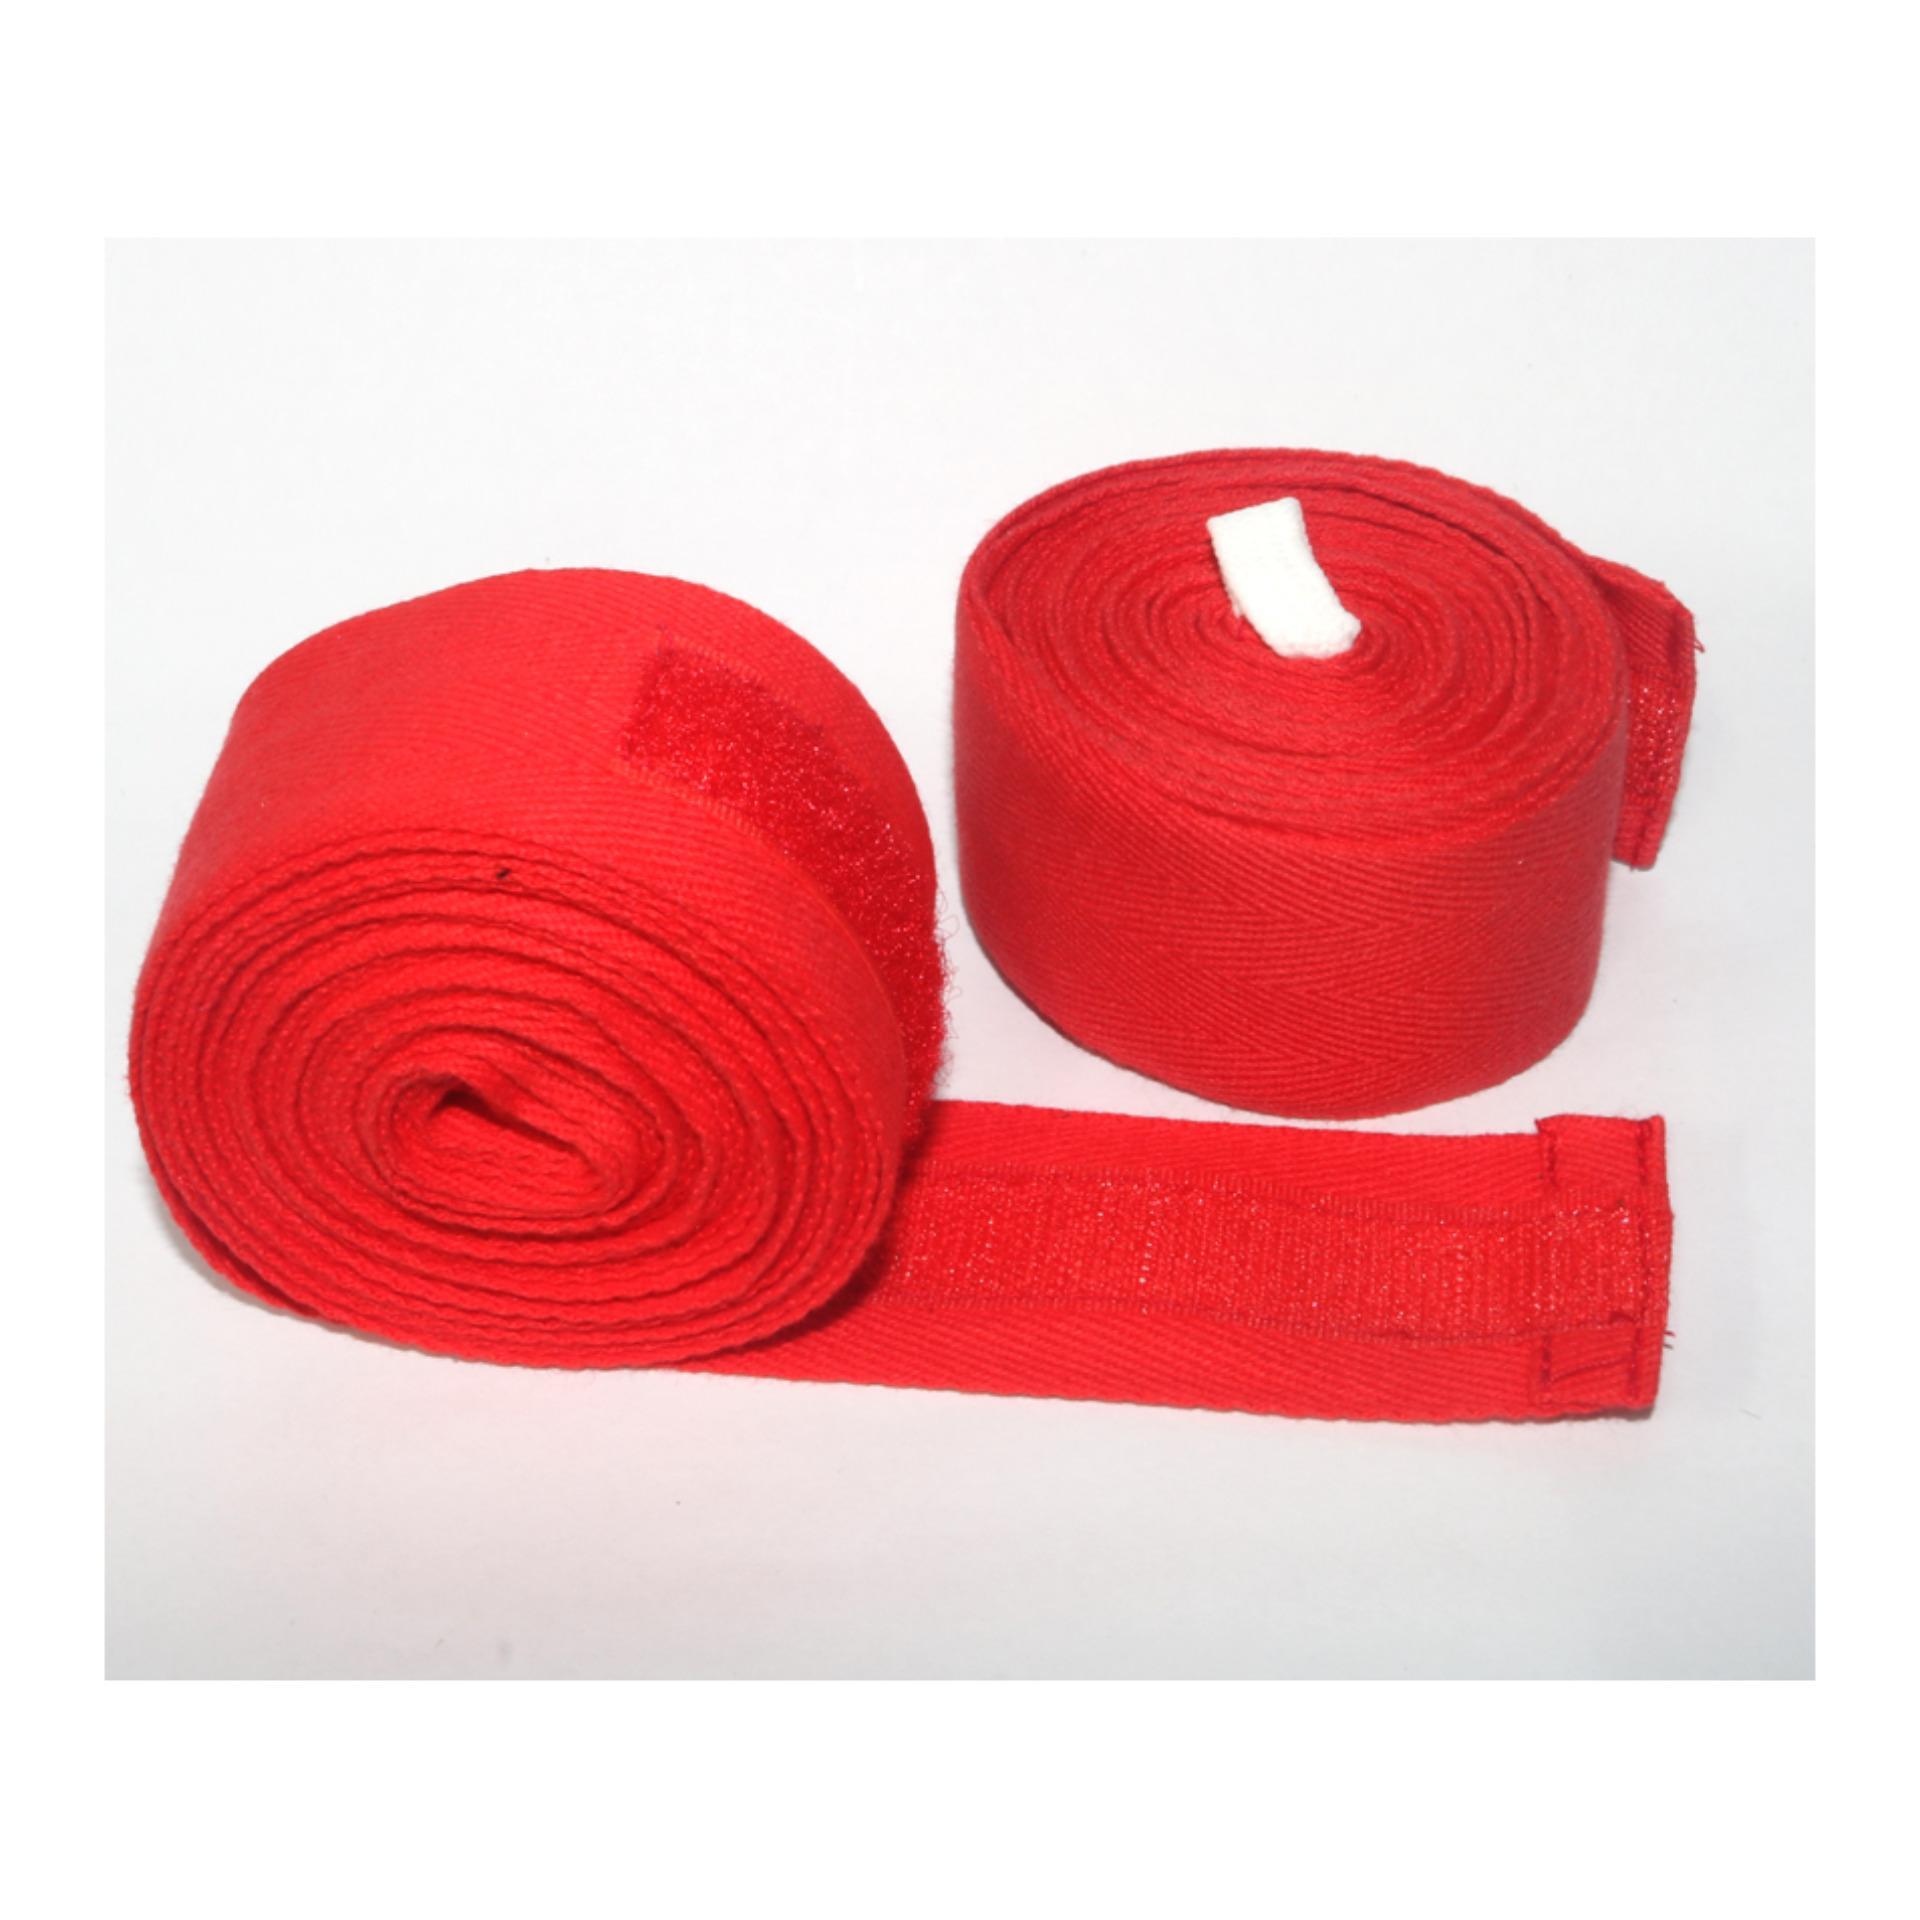 Bộ 2 cái băng cuốn tay đấm boxing phucthanhsport (Đỏ)